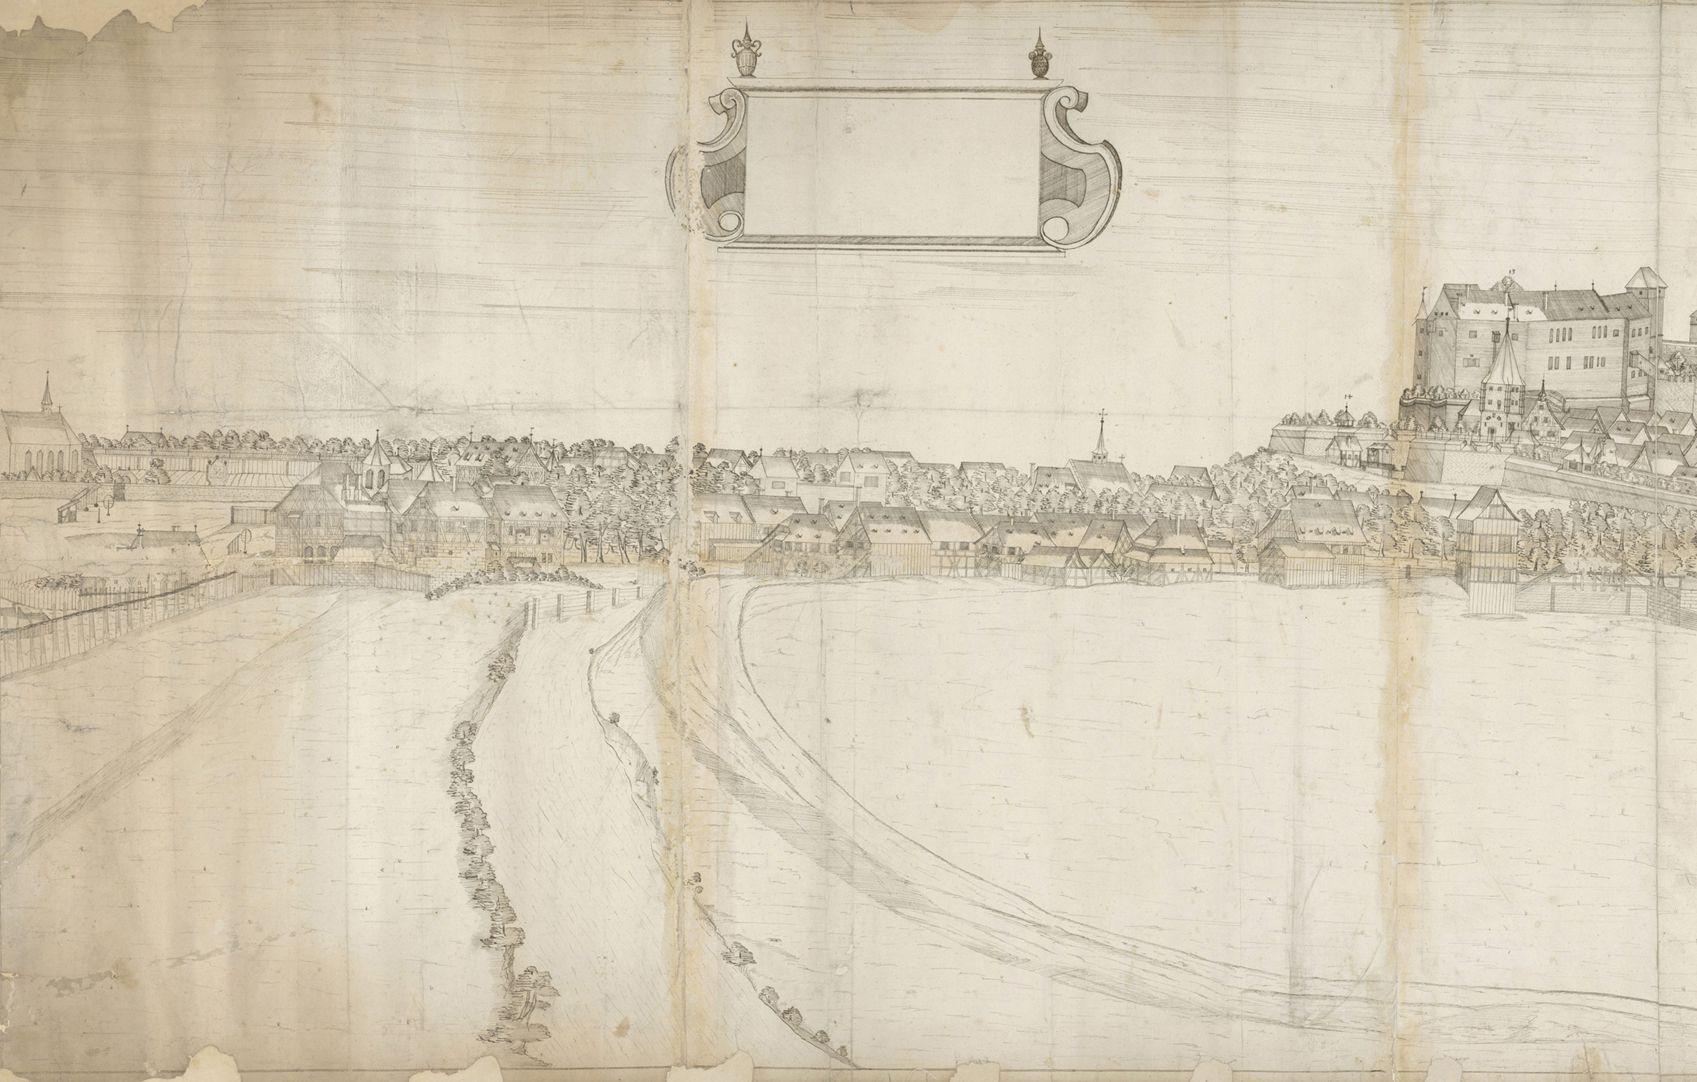 Panoramadarstellung der Stadt Nürnberg von Westen linkes Drittel (von Johannis bis zum Burgpalas)